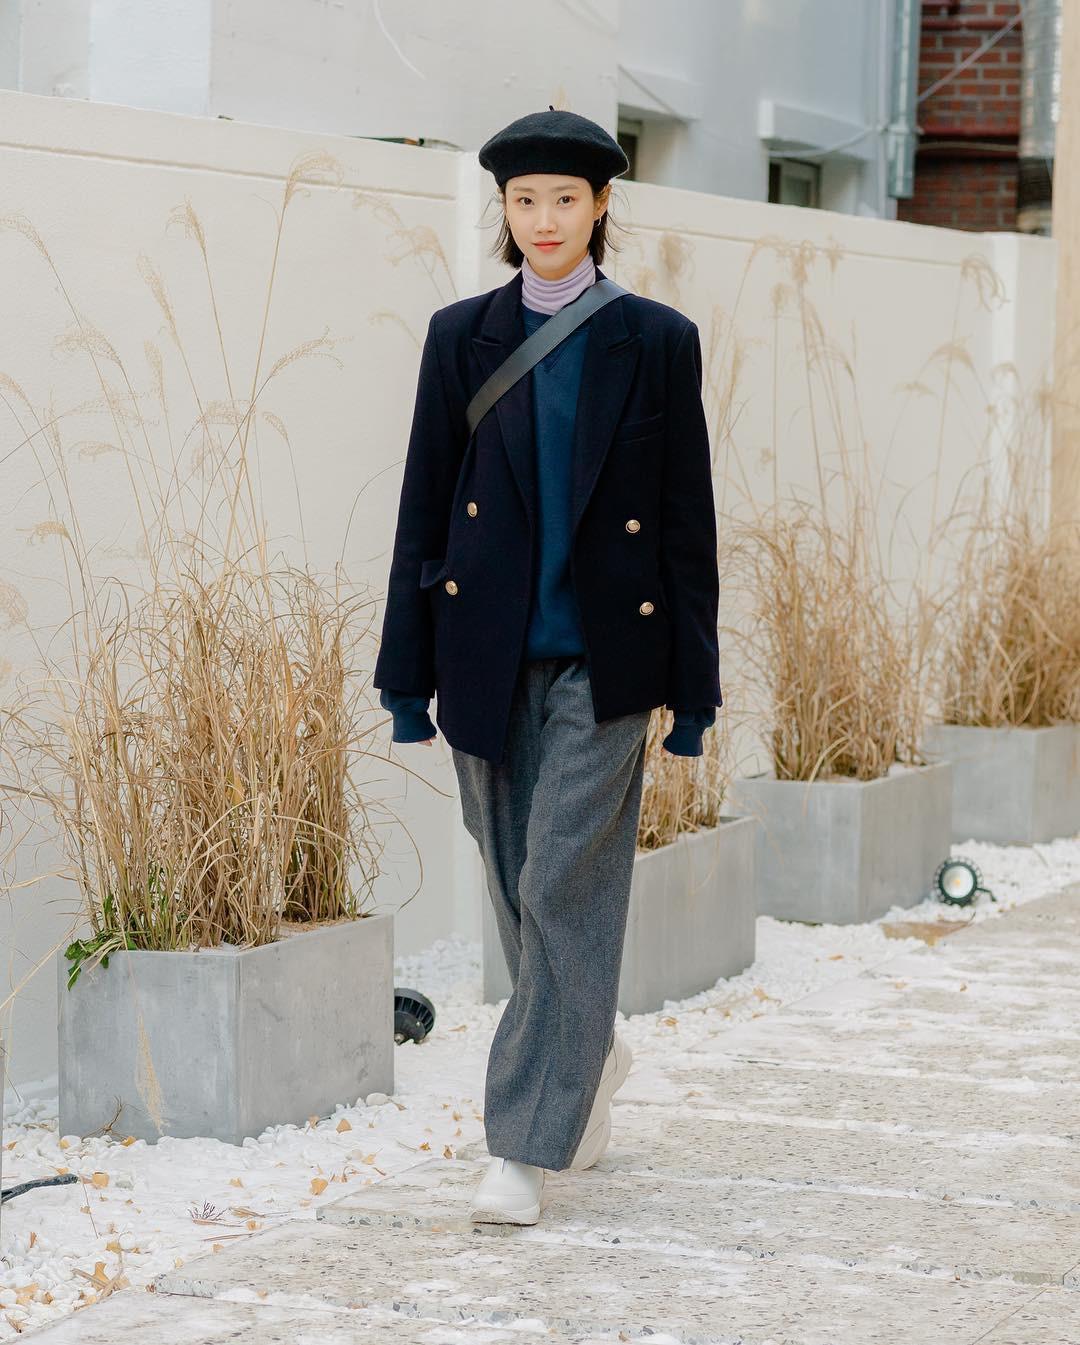 Nếu đã chán cách ăn mặc basic, bạn hãy xem ngay street style không đụng hàng mà lại dễ áp dụng của Hàn - Ảnh 6.